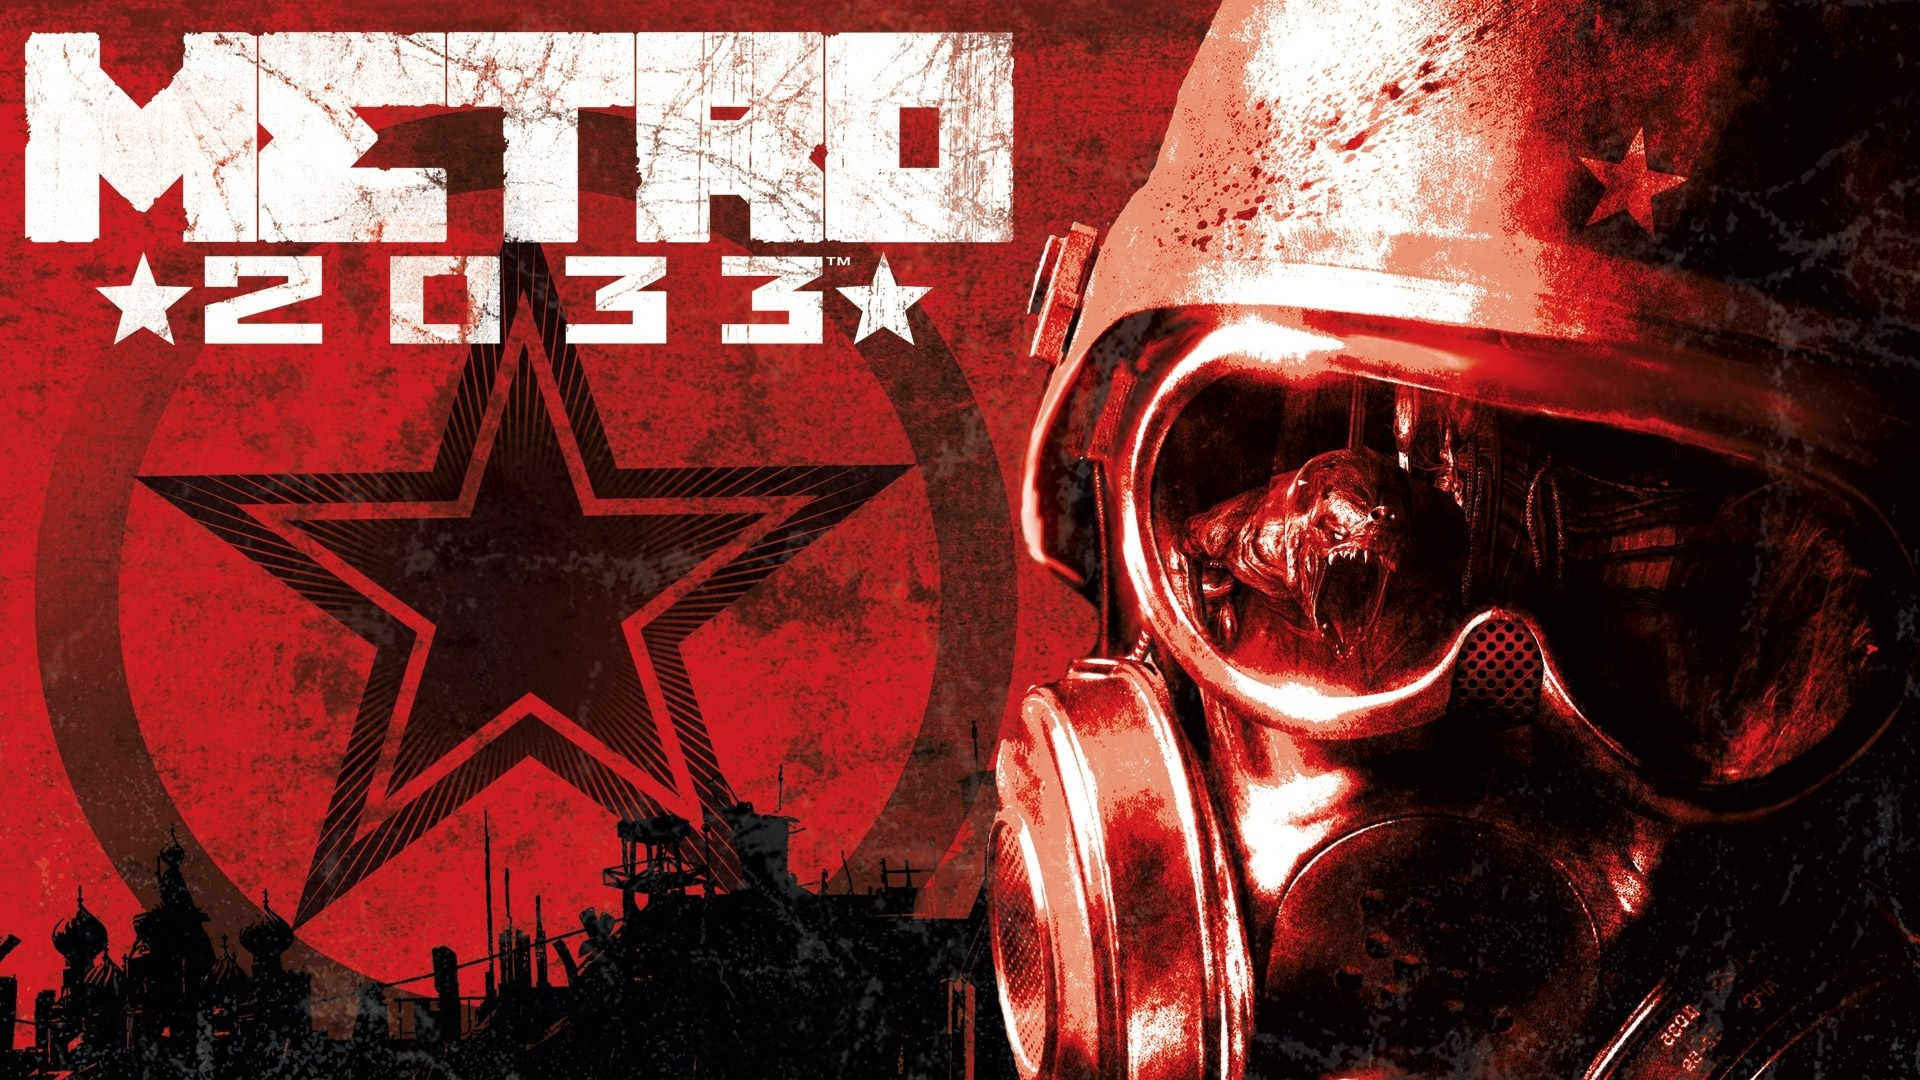 Download Wallpaper 1920x1080 Metro 2033, Helmet, Soldier